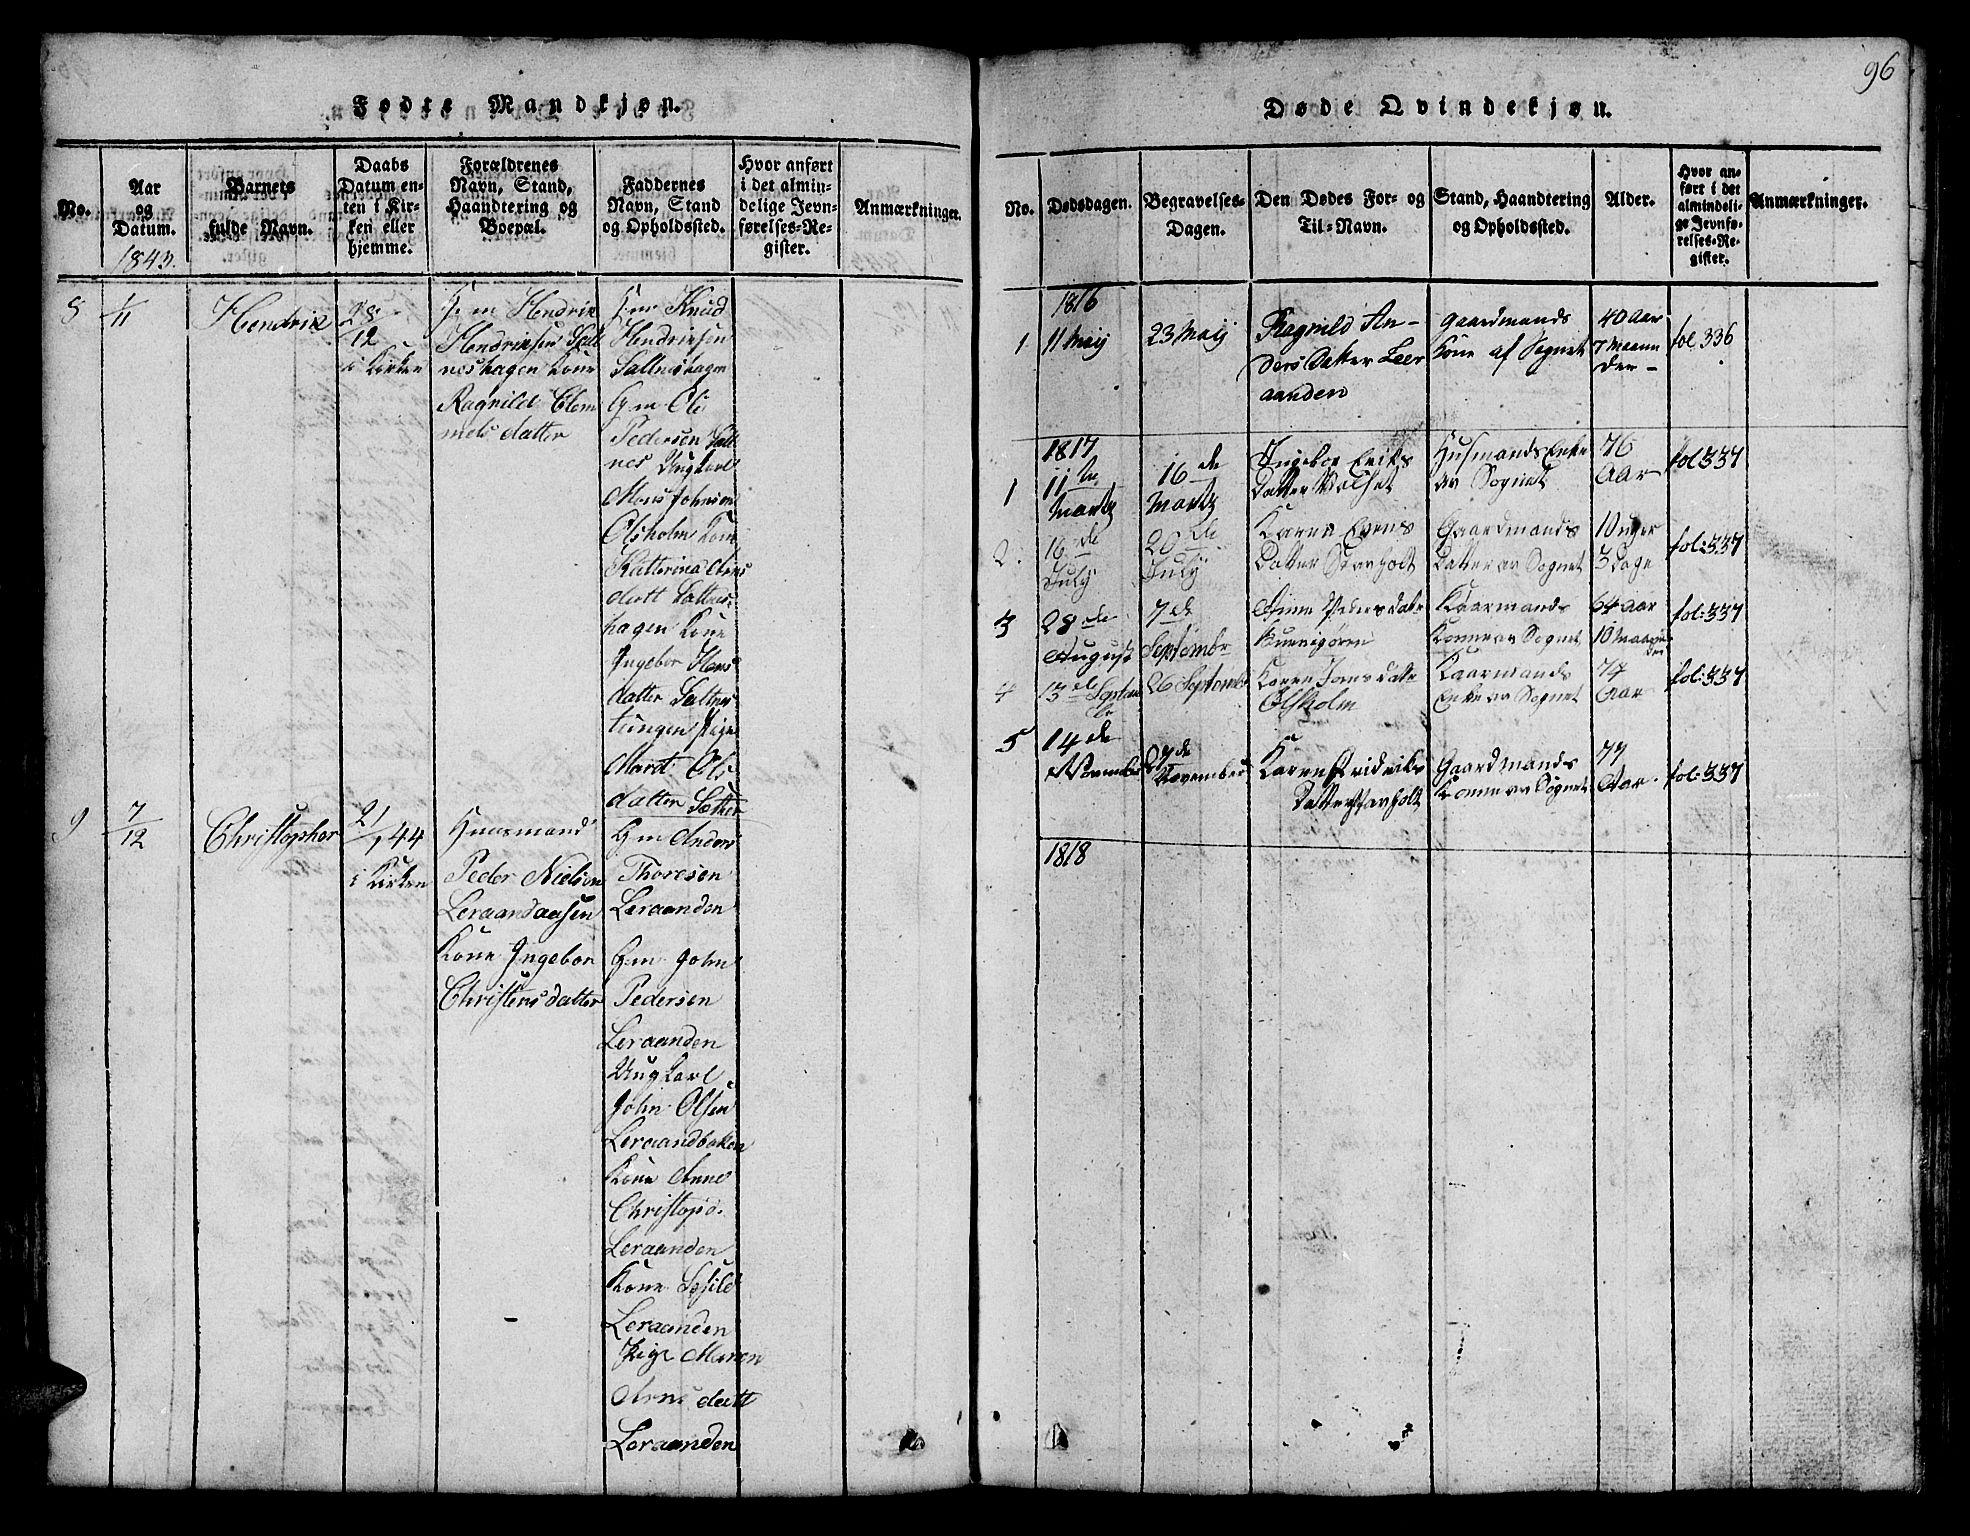 SAT, Ministerialprotokoller, klokkerbøker og fødselsregistre - Sør-Trøndelag, 666/L0788: Klokkerbok nr. 666C01, 1816-1847, s. 96